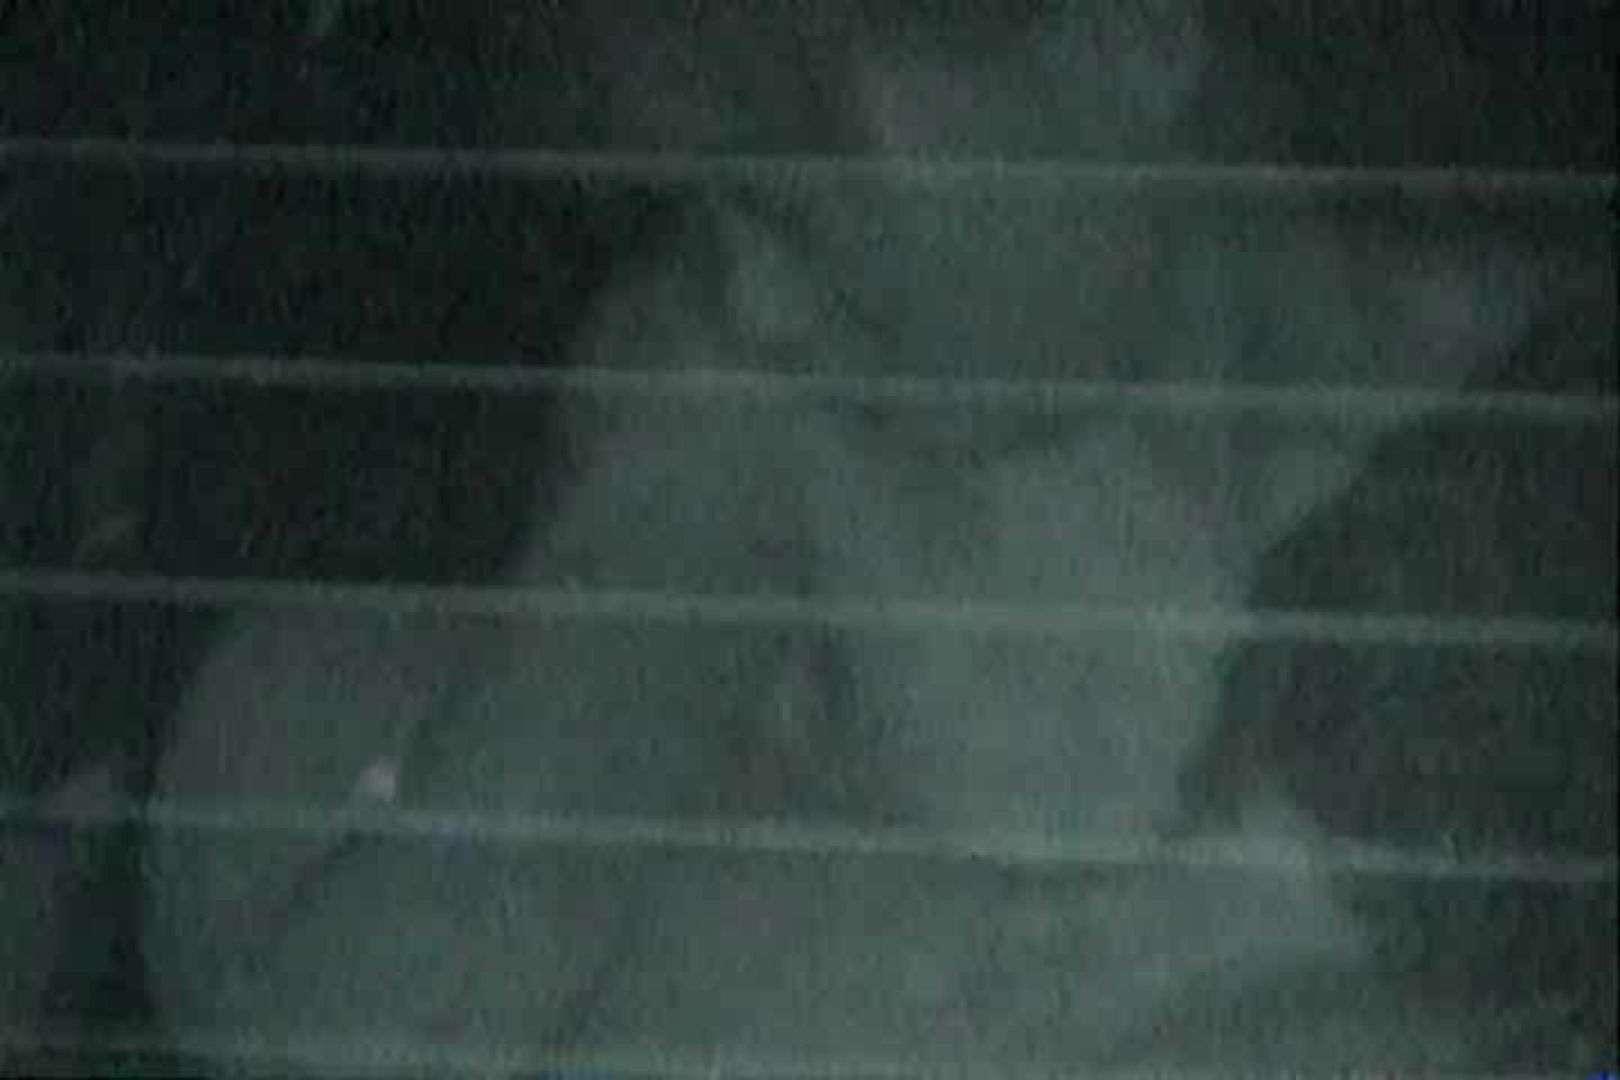 充血監督の深夜の運動会Vol.129 赤外線  97PIX 84